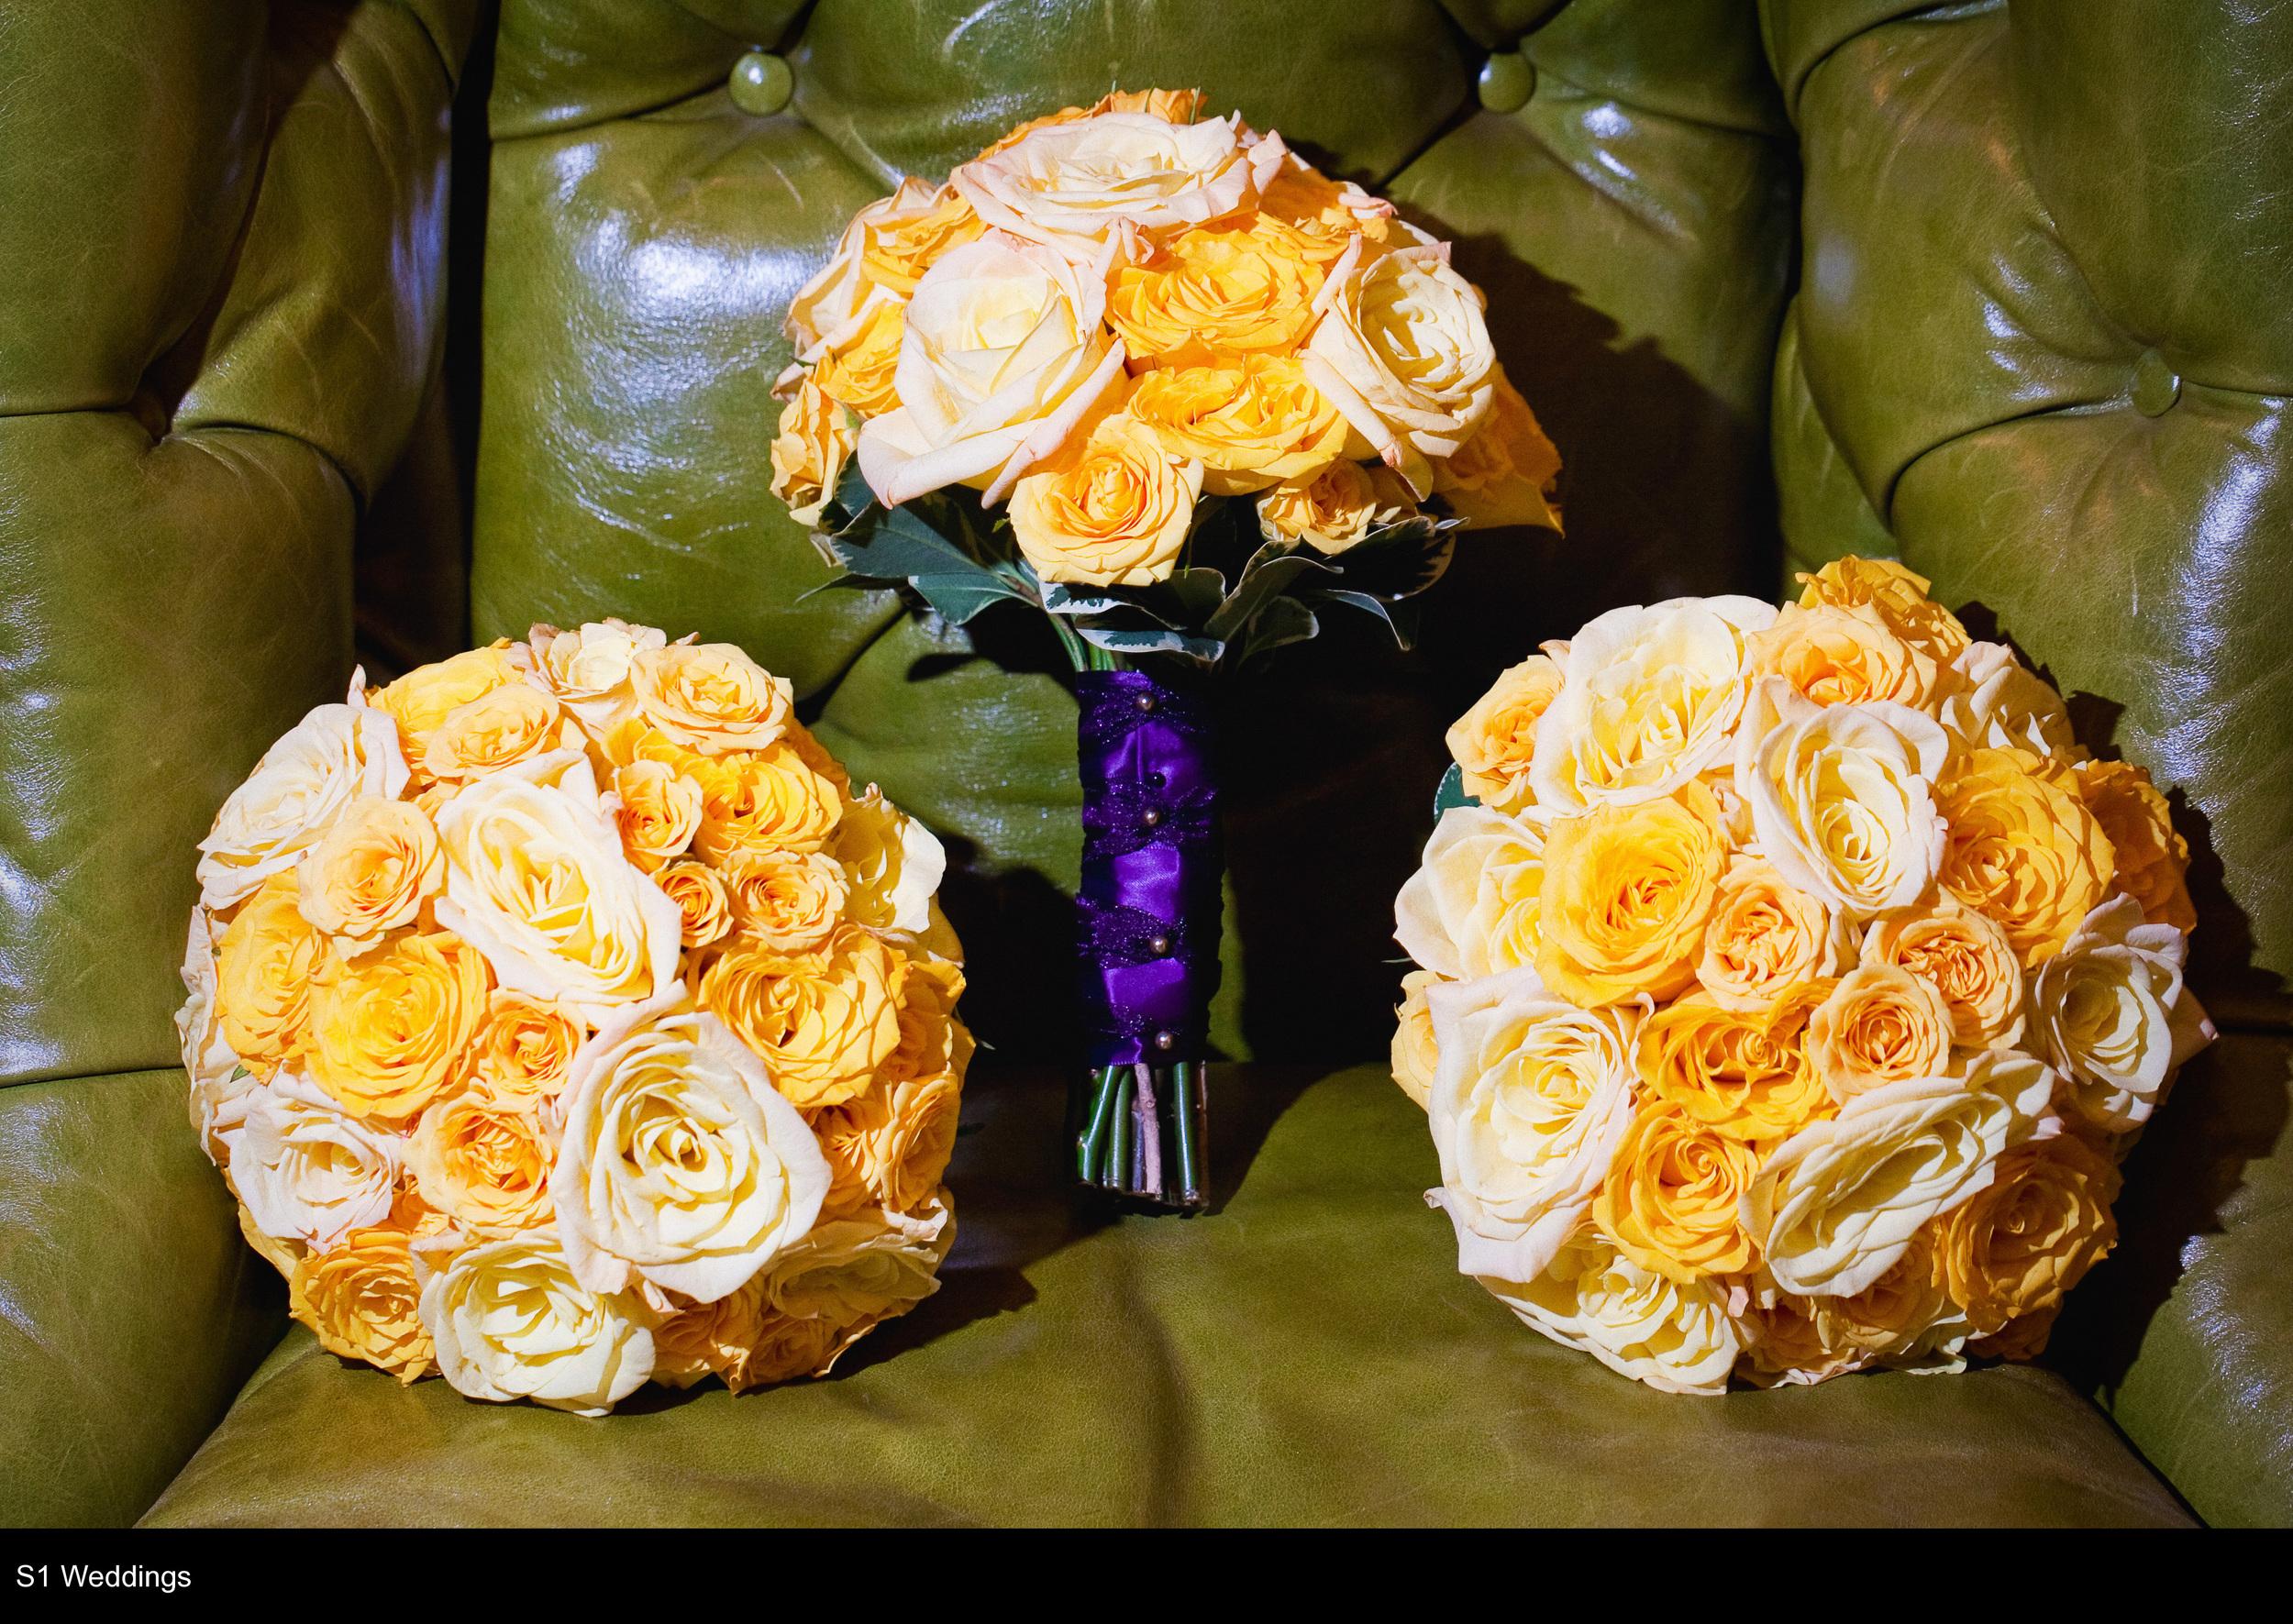 Kellogg_Rye_S1_Weddings_0079mandyanthonyw.jpg